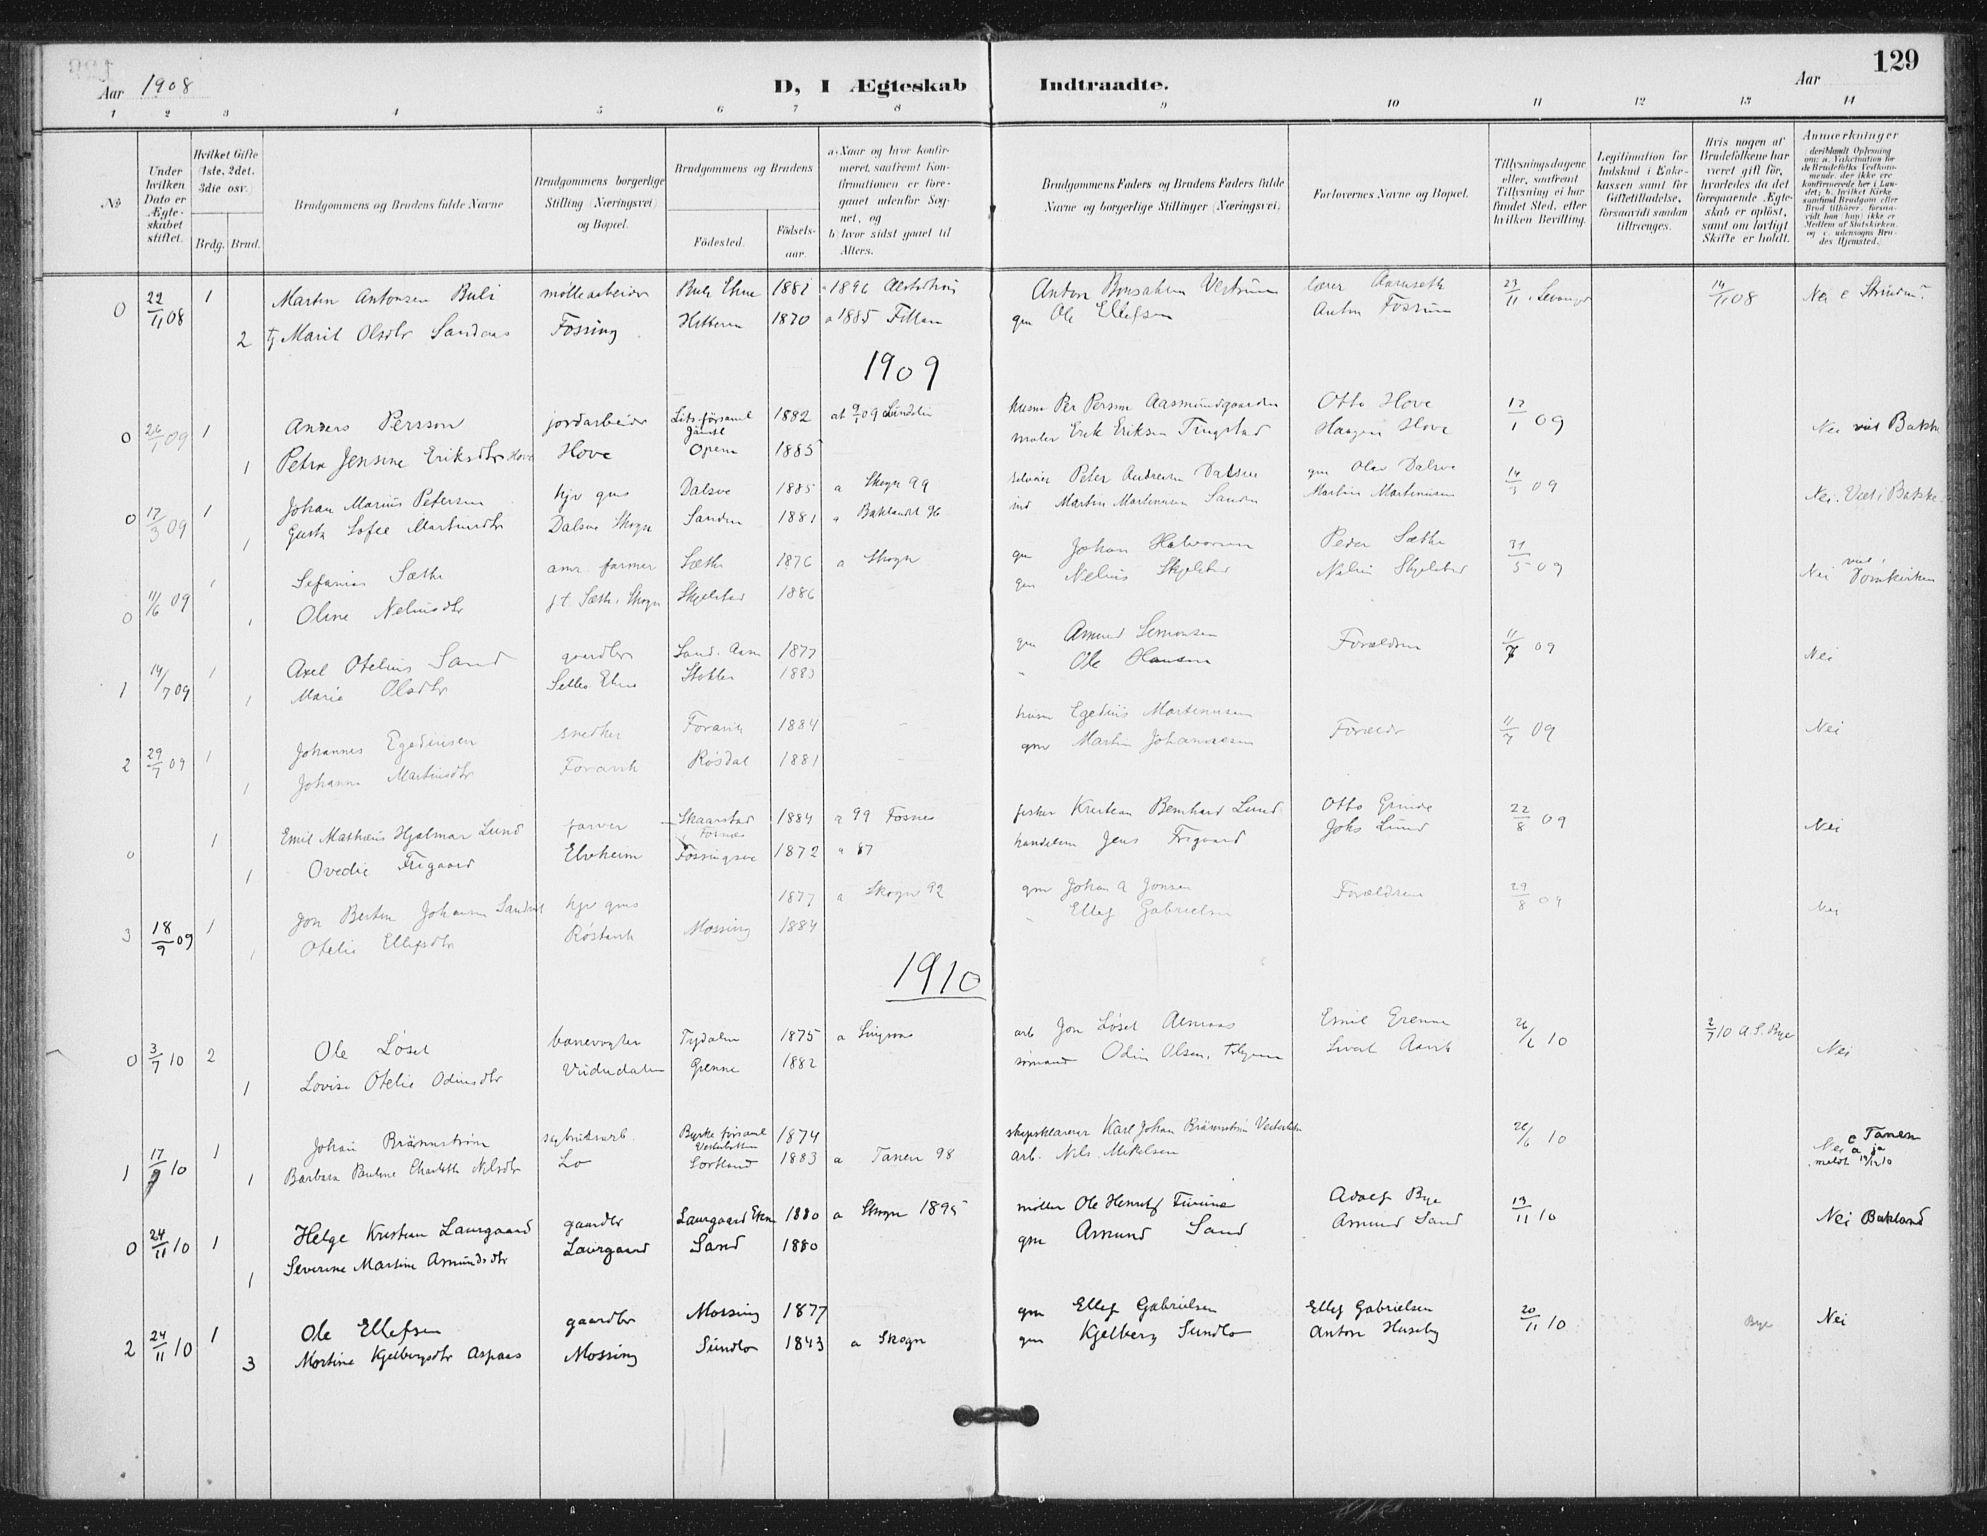 SAT, Ministerialprotokoller, klokkerbøker og fødselsregistre - Nord-Trøndelag, 714/L0131: Ministerialbok nr. 714A02, 1896-1918, s. 129